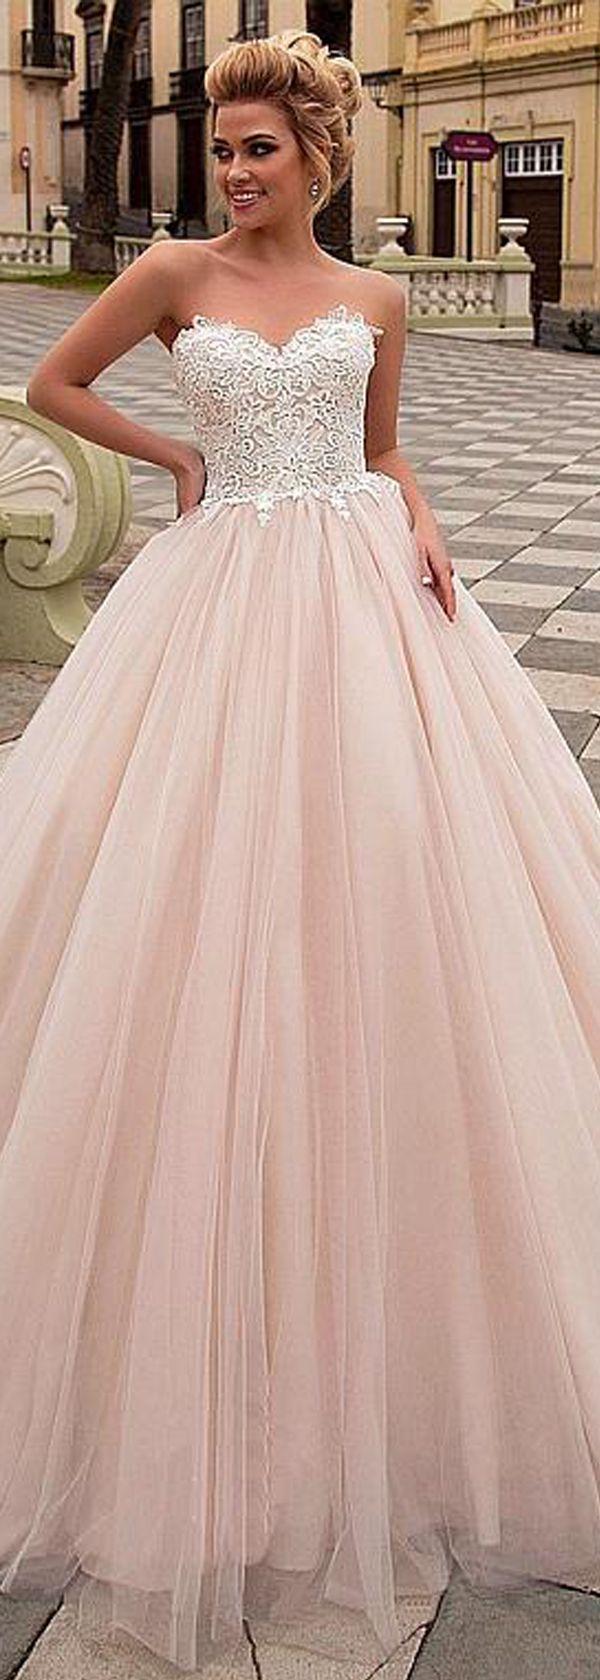 Increíble Vestidos De Novia Atrevidos Adorno - Colección de Vestidos ...